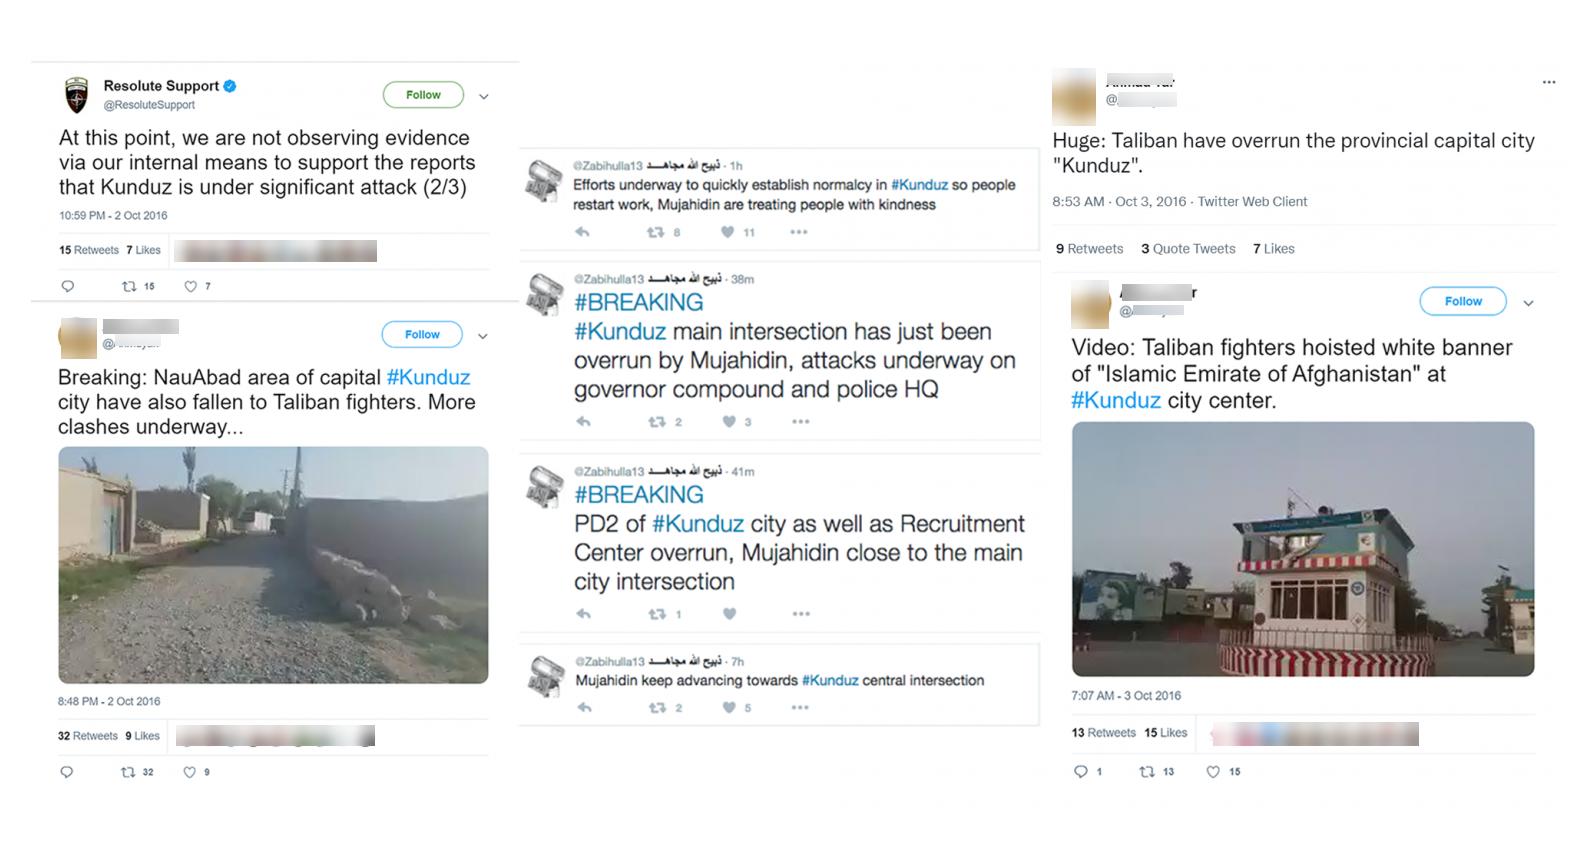 Talibowie i Afgańczycy publikowali w październiku 2016 roku na Twitterze dowody na zajęcie miasta, podczas gdy rząd temu zaprzeczał